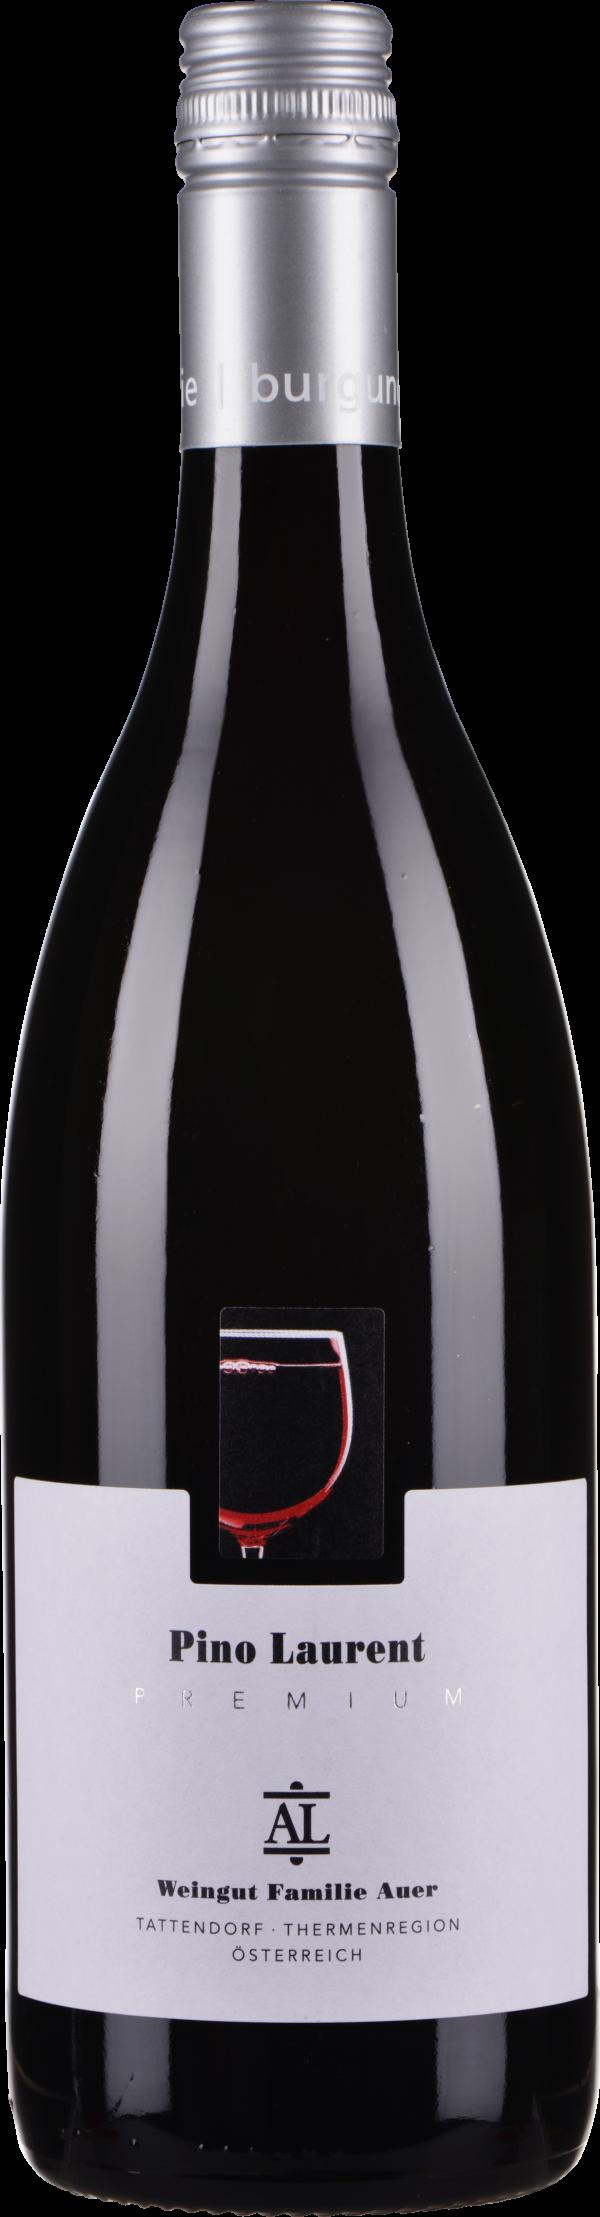 Weingut Auer Pino Laurent Premium